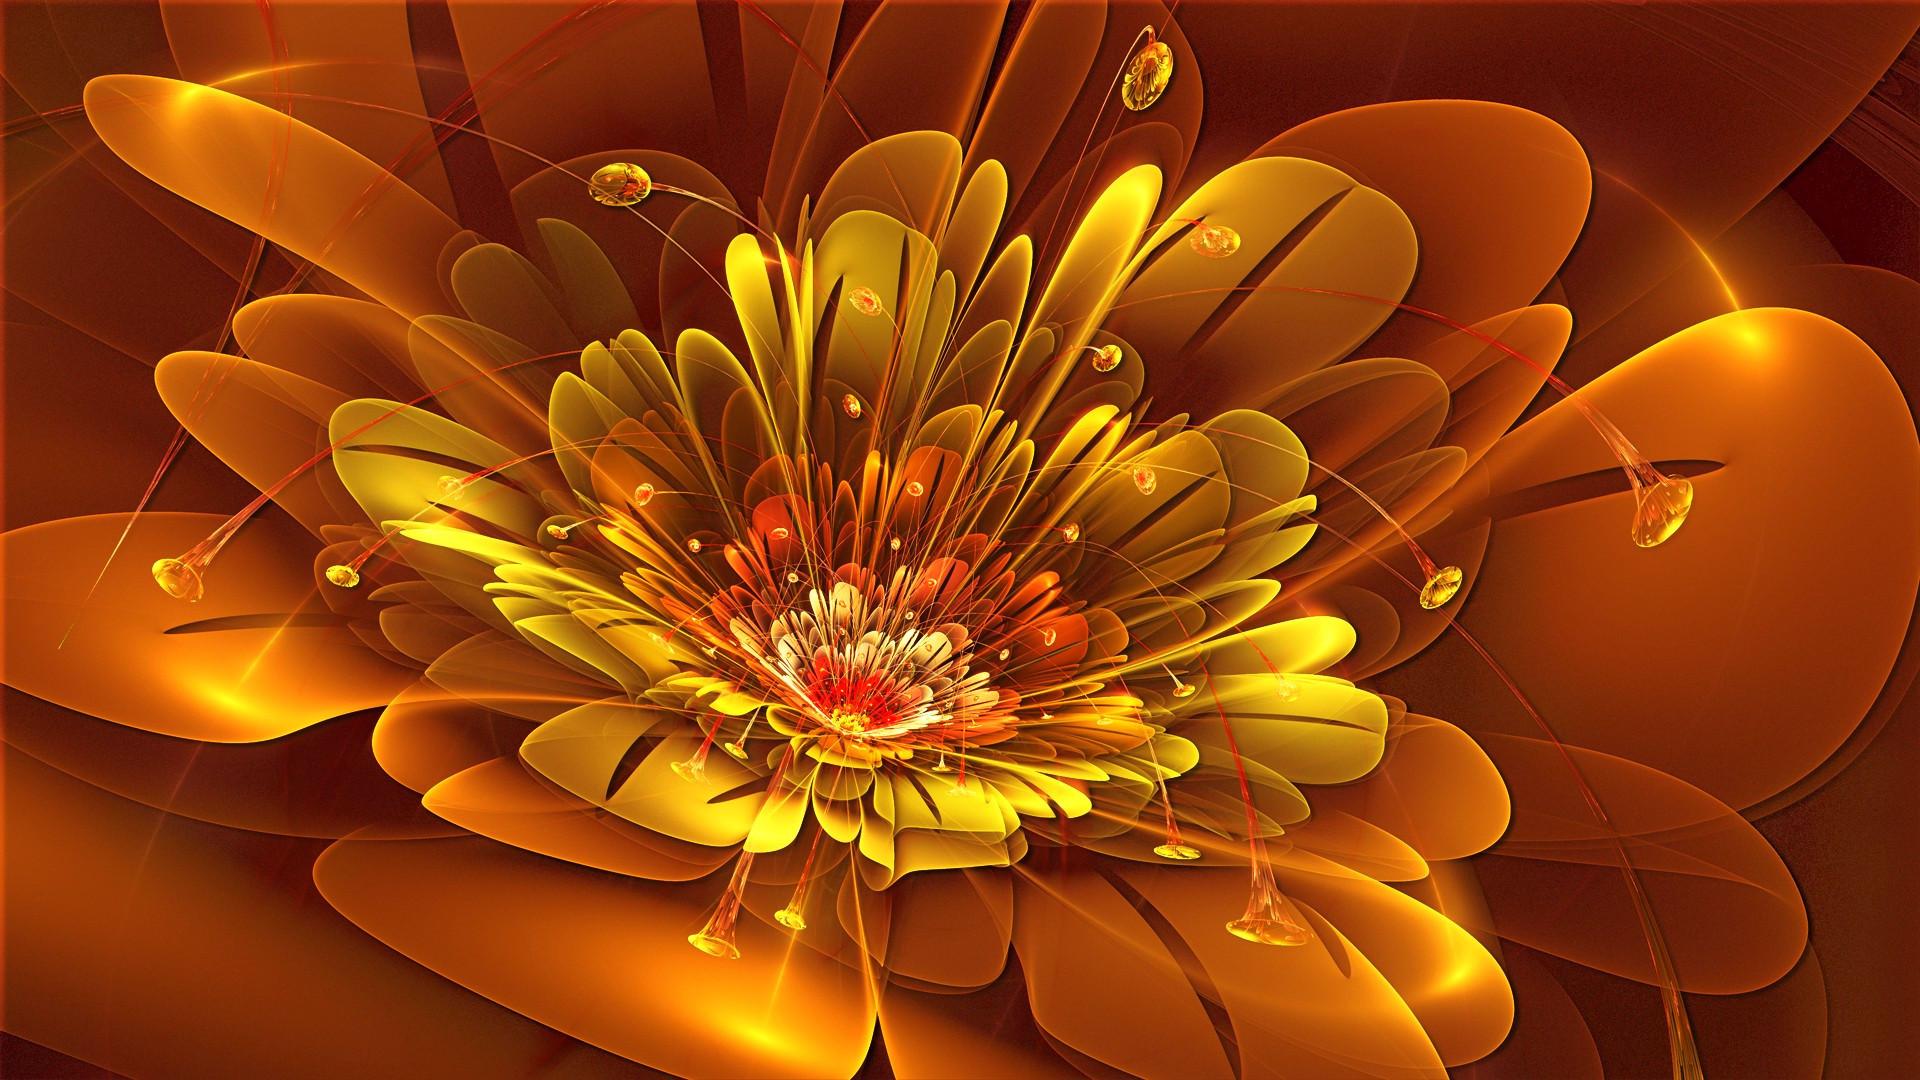 Wallpapers Abstrait Fleur - MaximumWall